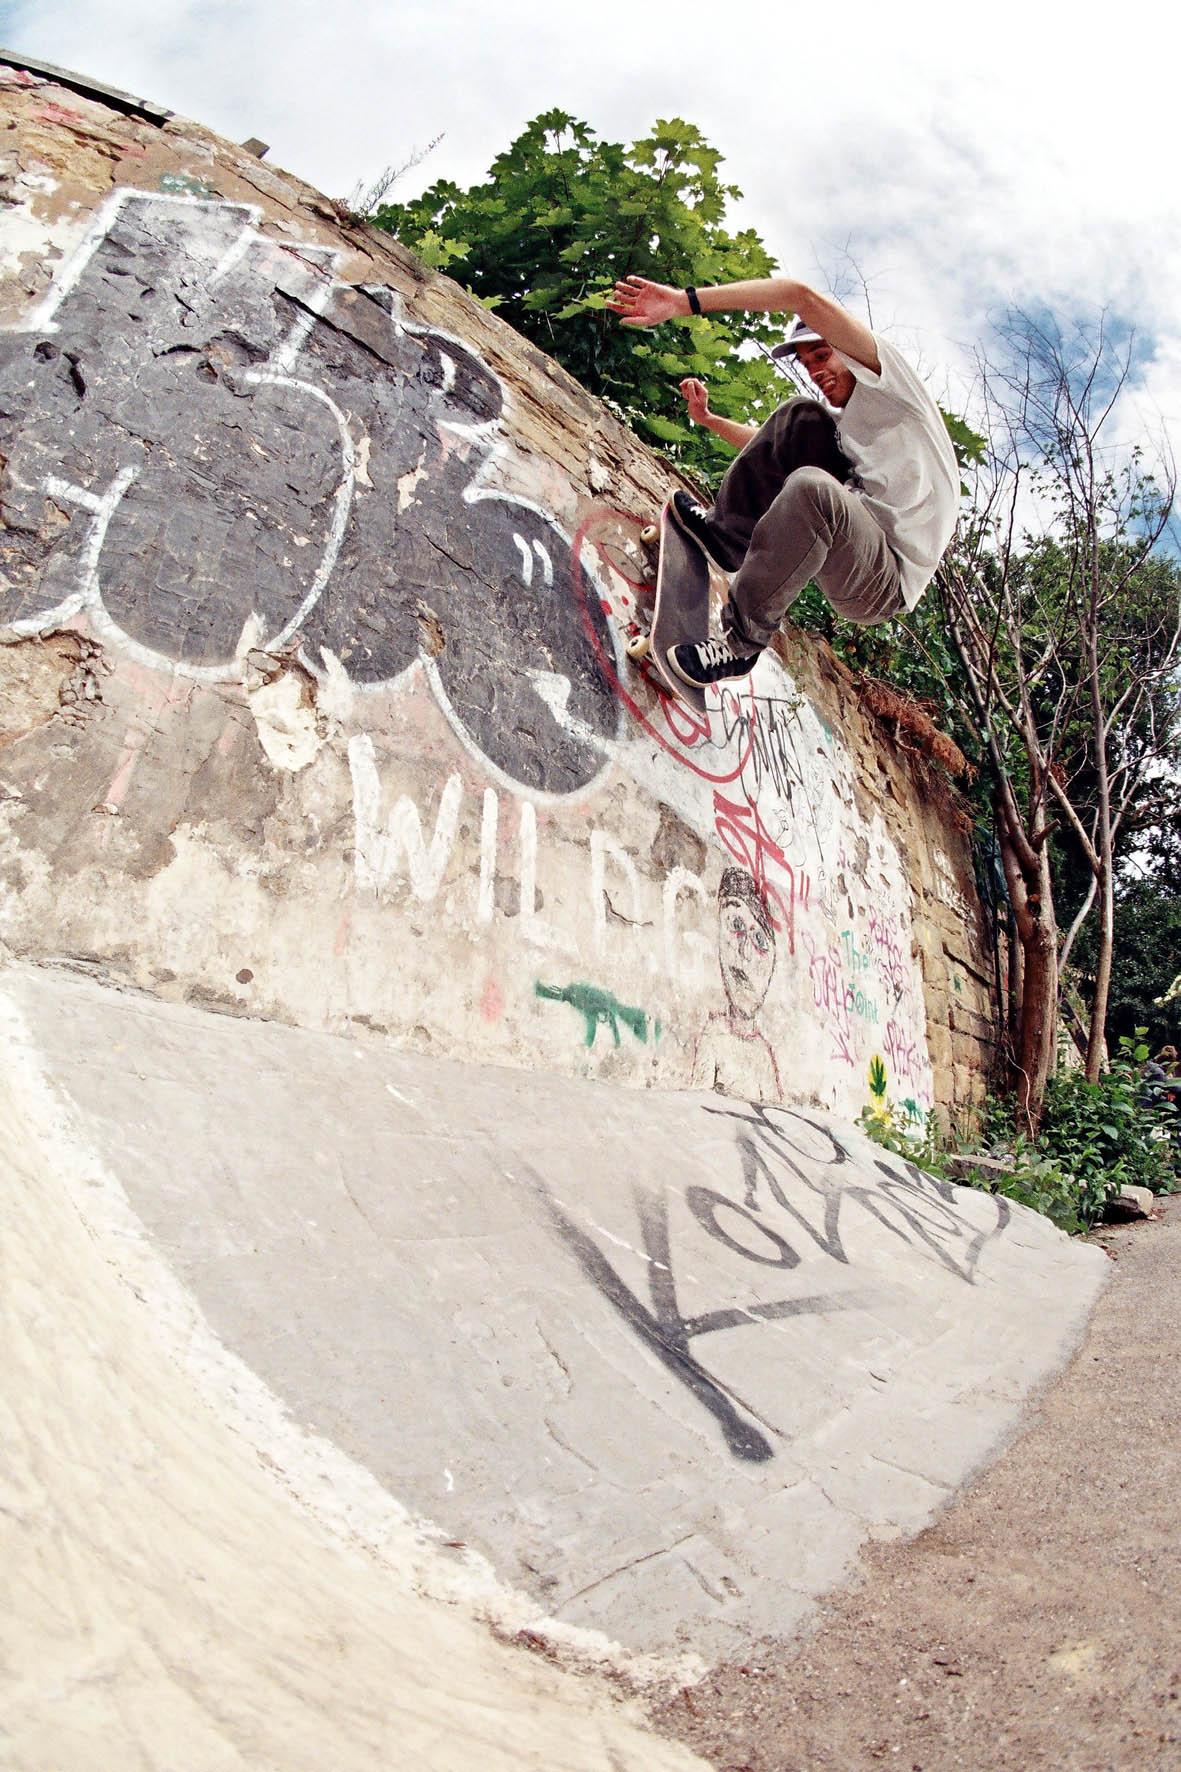 Ali Watson - wallride fakie